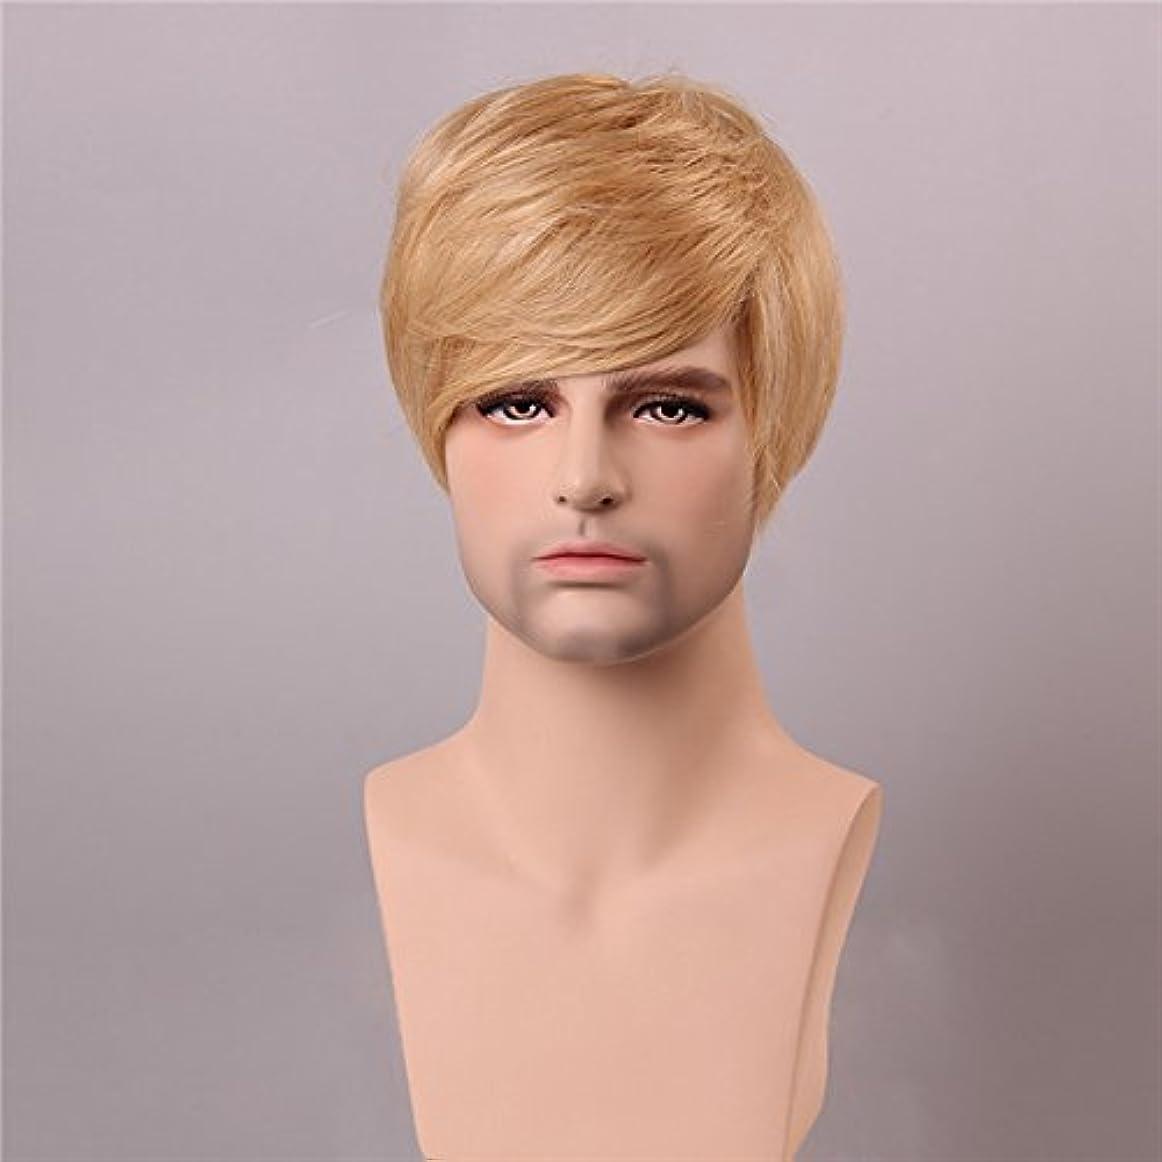 腰マンモスウガンダYZUEYT ブロンドの男性短いモノラルトップの人間の髪のかつら男性のヴァージンレミーキャップレスサイドバング YZUEYT (Size : One size)